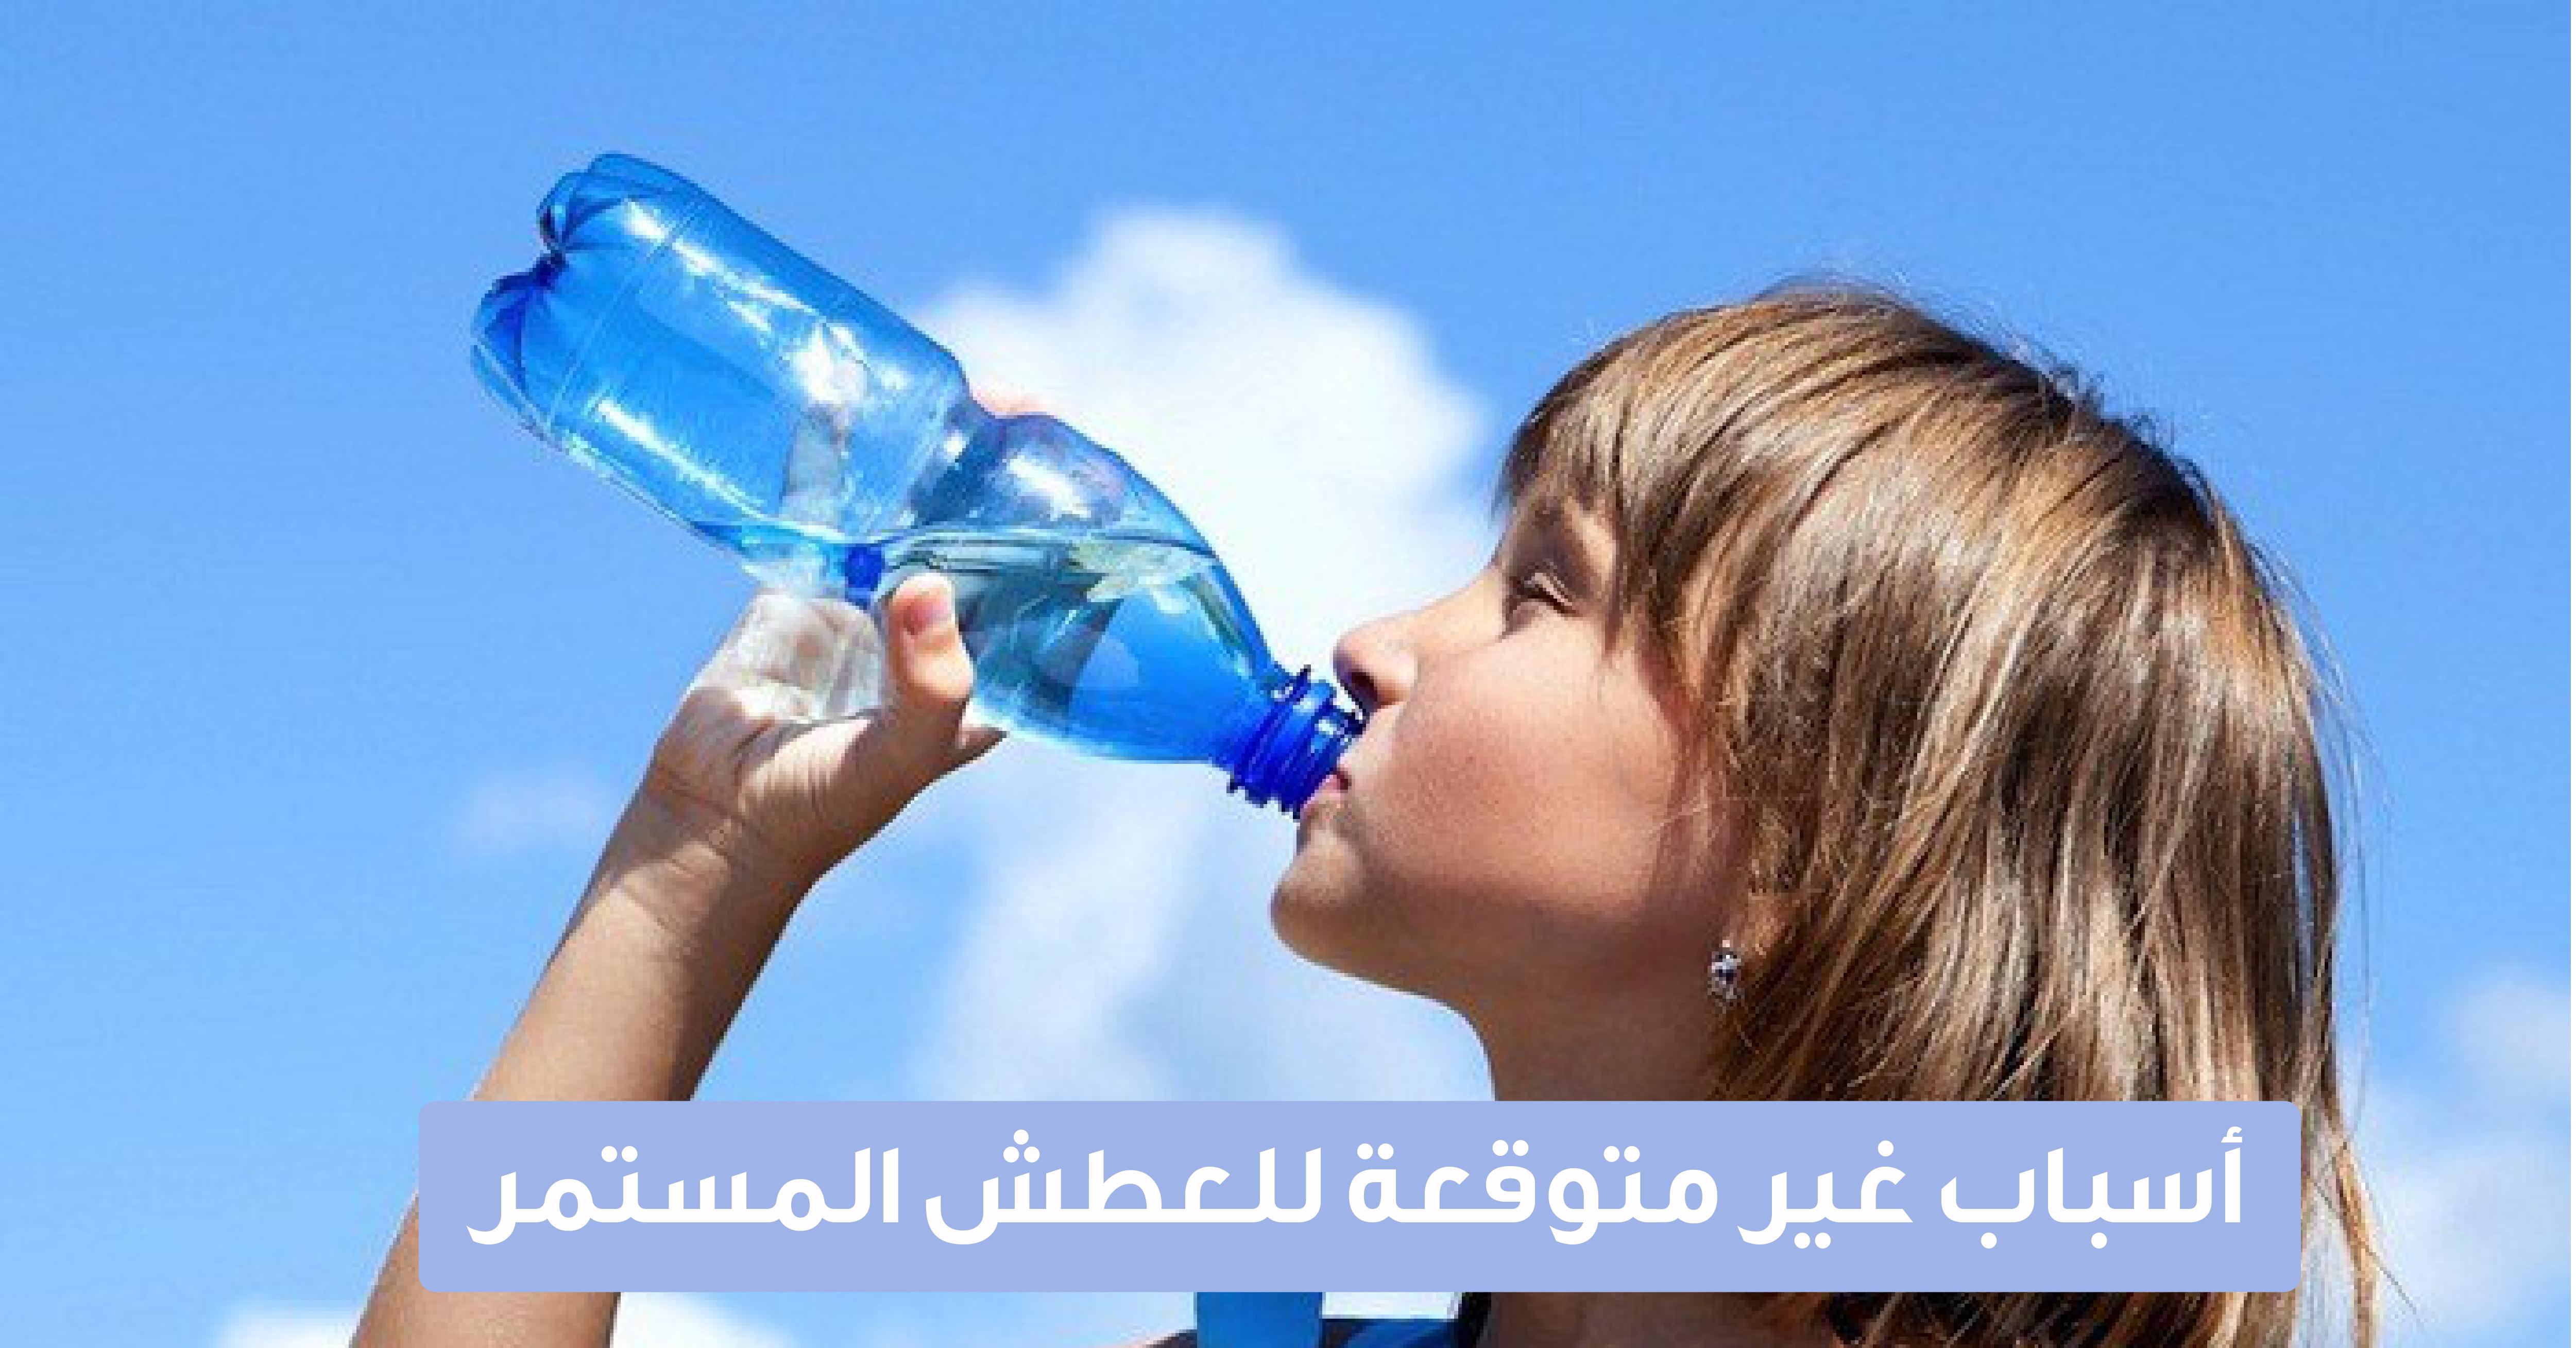 أسباب غير متوقعة للعطش المستمر ويب طب